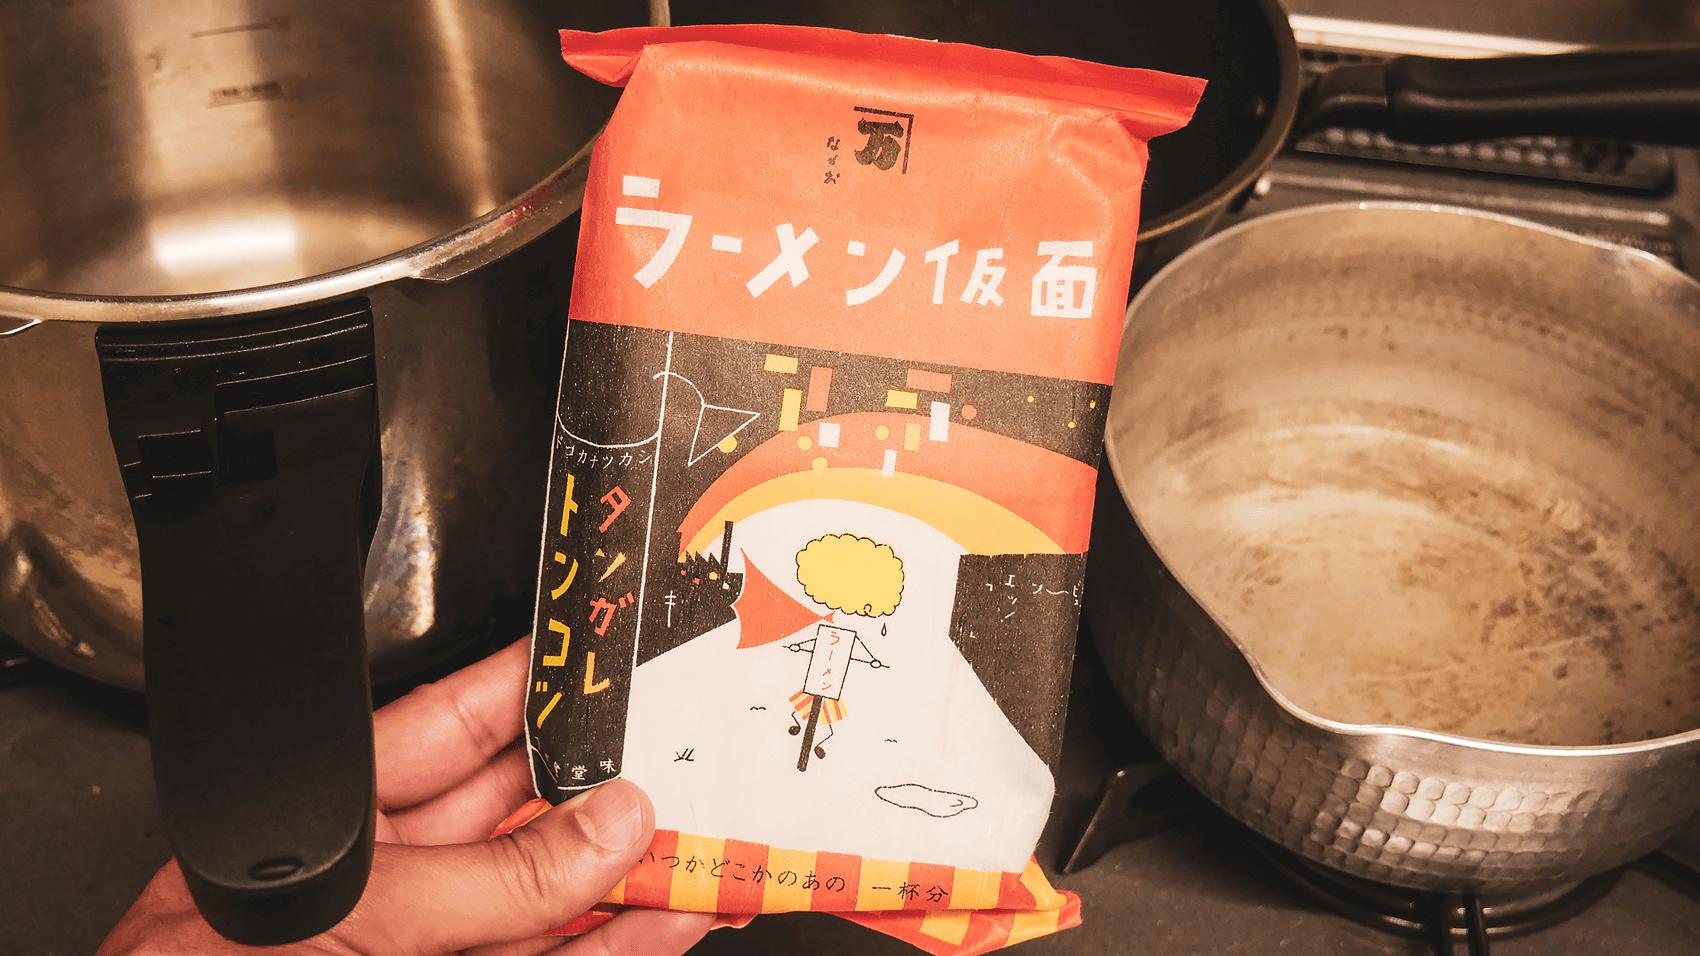 インスタントラーメン専門店やかん亭の「長尾製麺ラーメン仮面」を食してみた